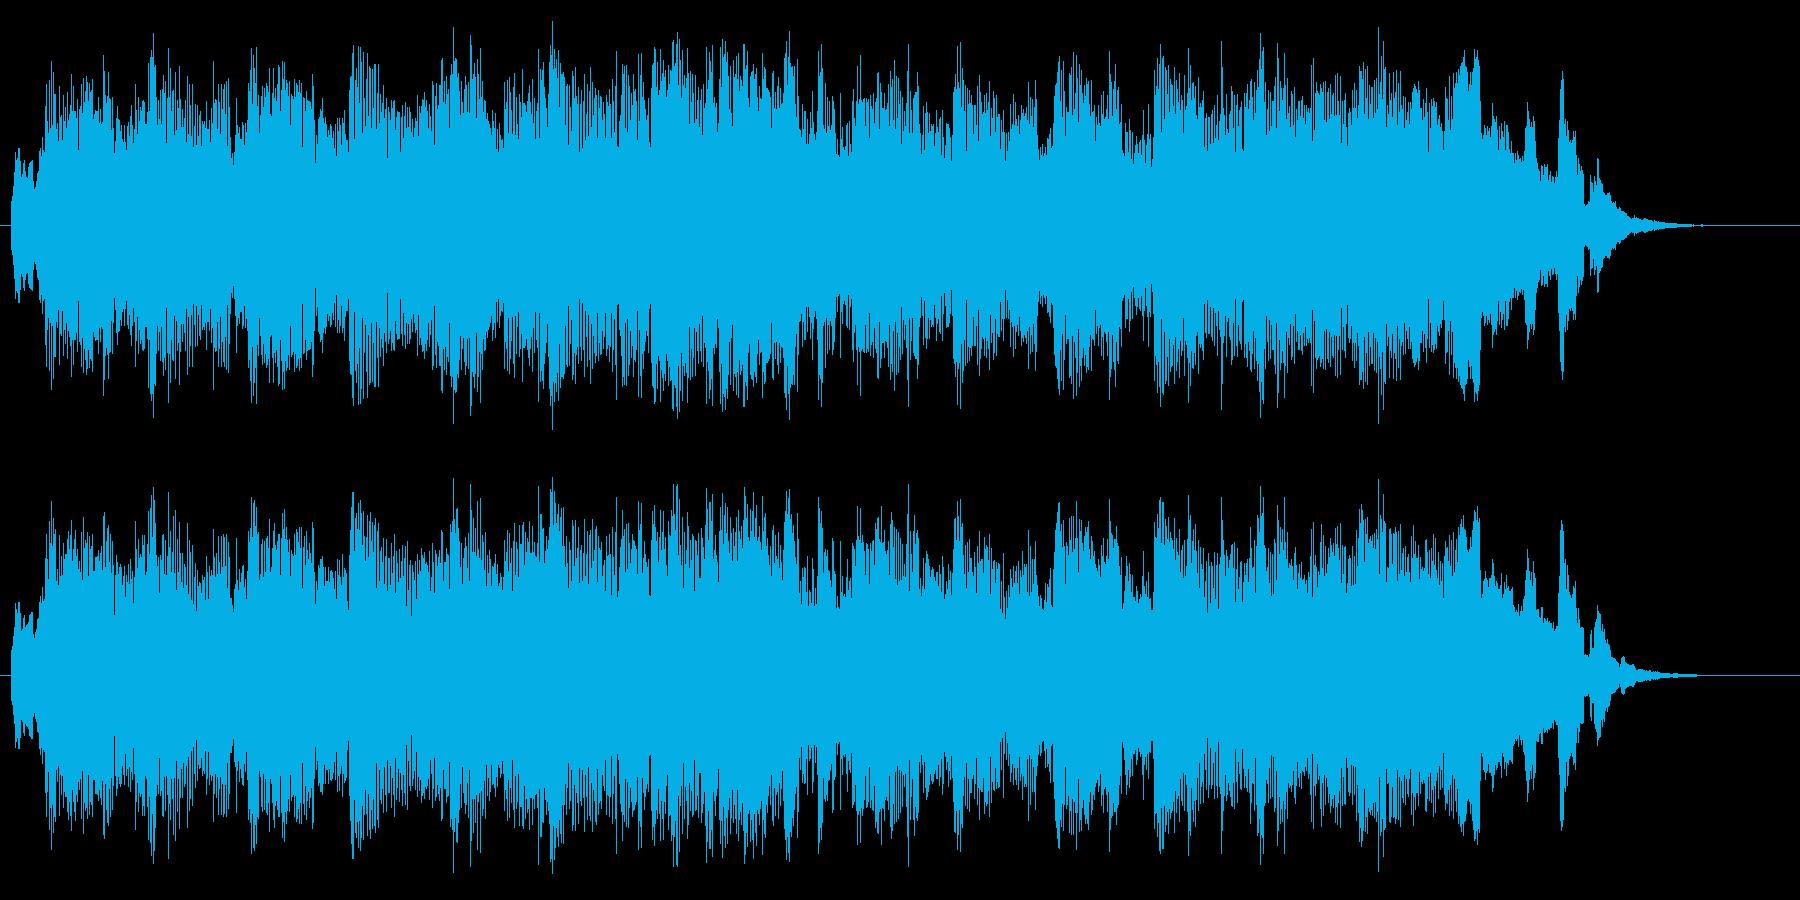 賑やかなイメージのジングルの再生済みの波形